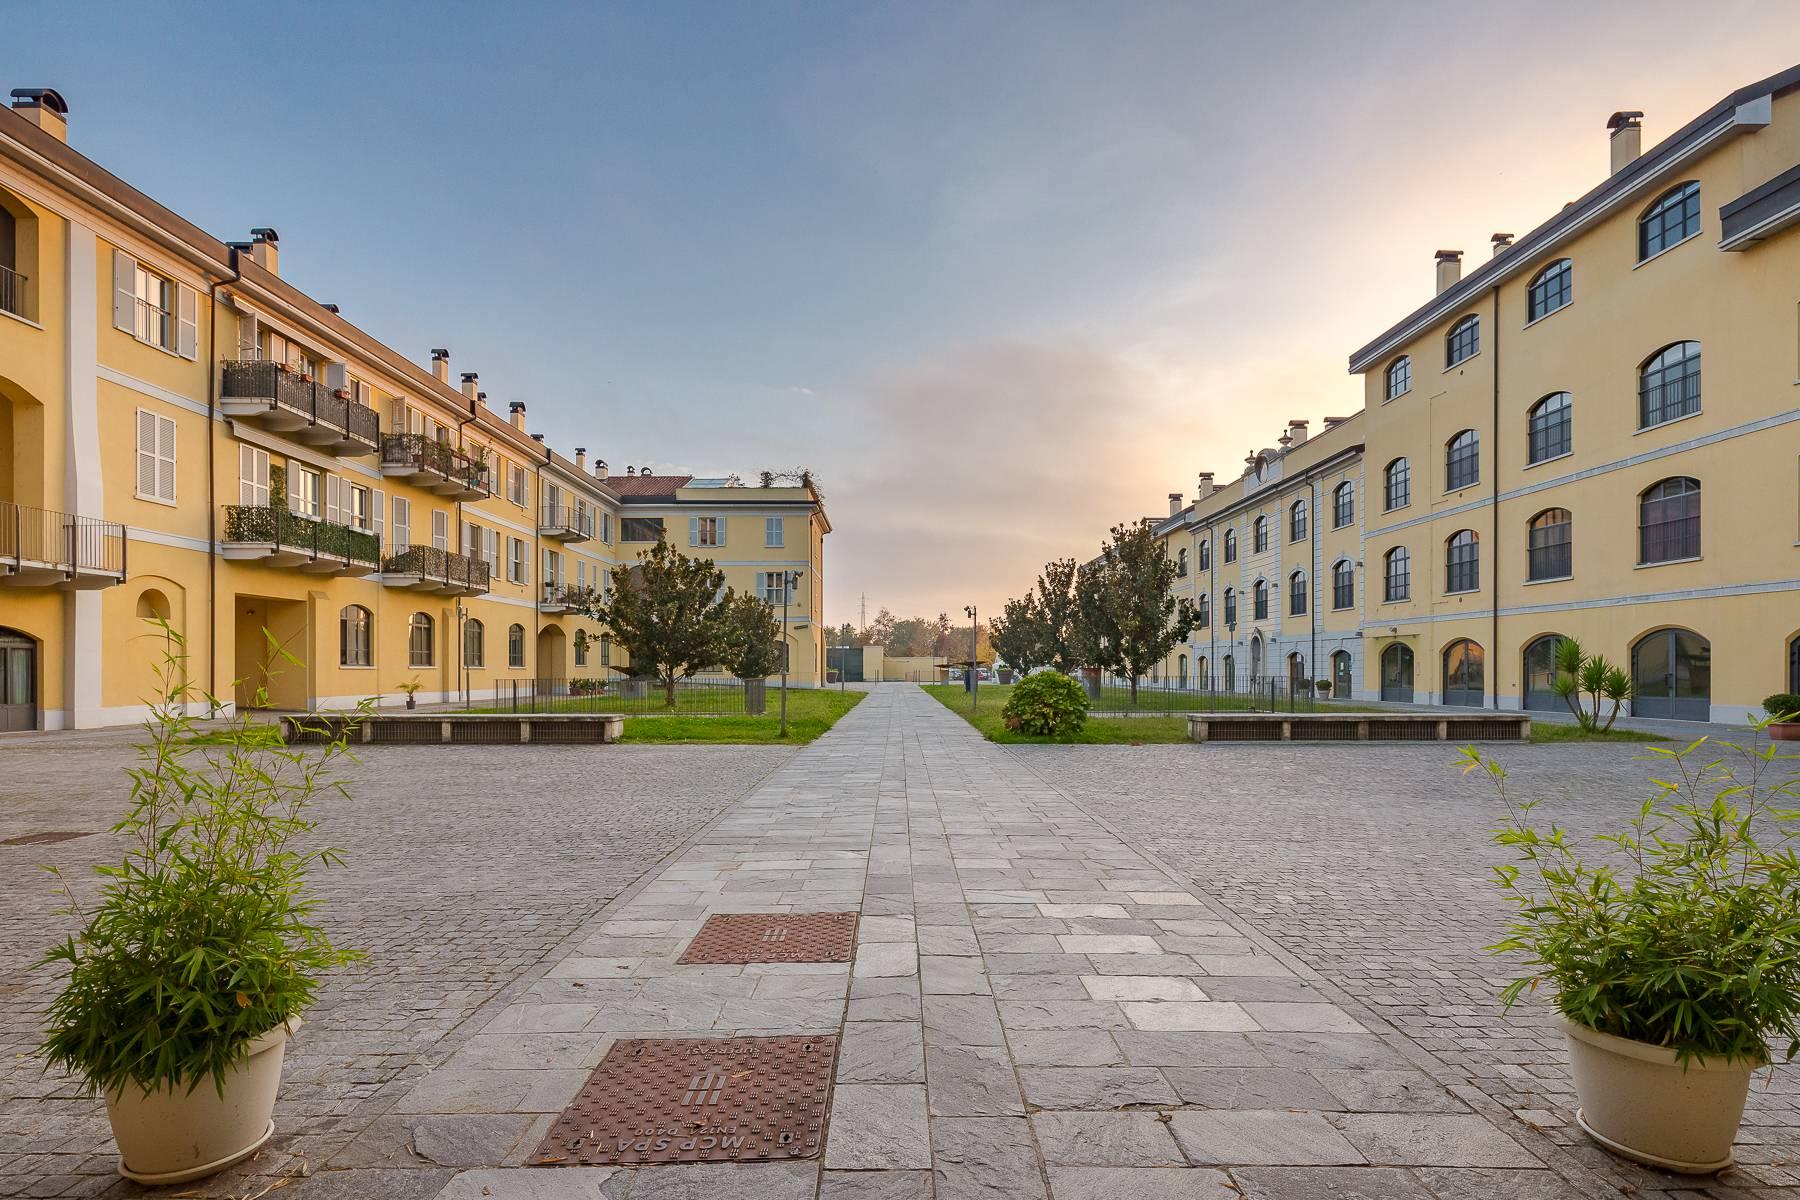 Attico in Vendita a Milano: 5 locali, 220 mq - Foto 4